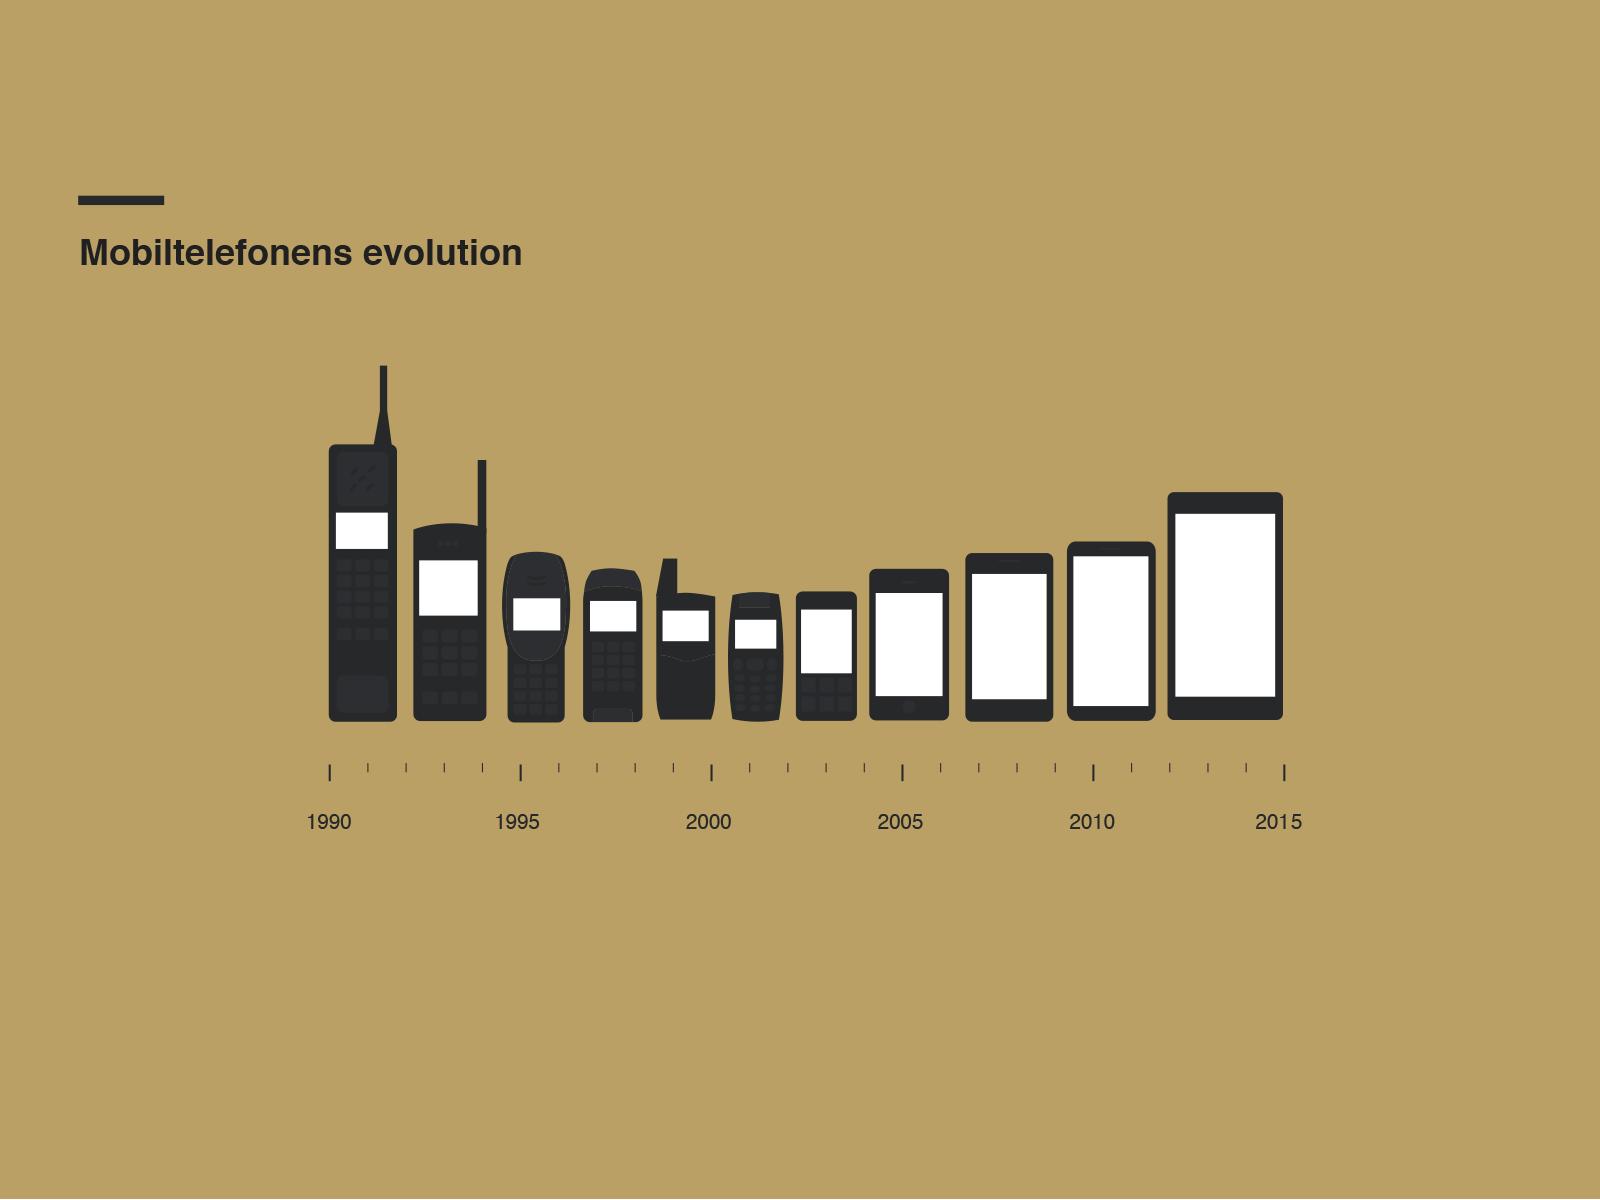 インフォグラフィック:携帯画面サイズは25年で10倍以上に拡大。携帯電話の歴史と進化